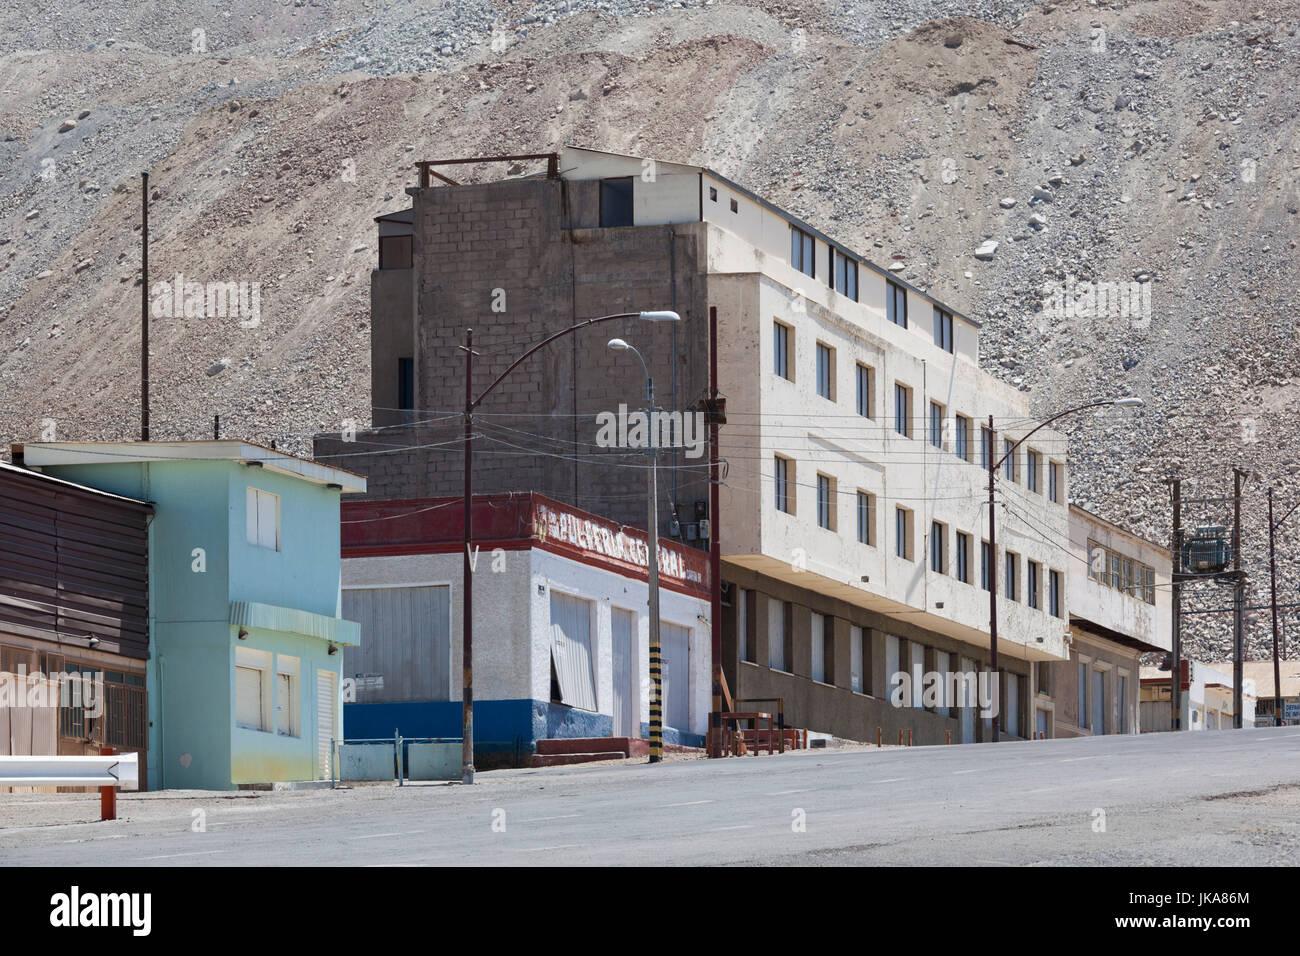 Whores in Chuquicamata